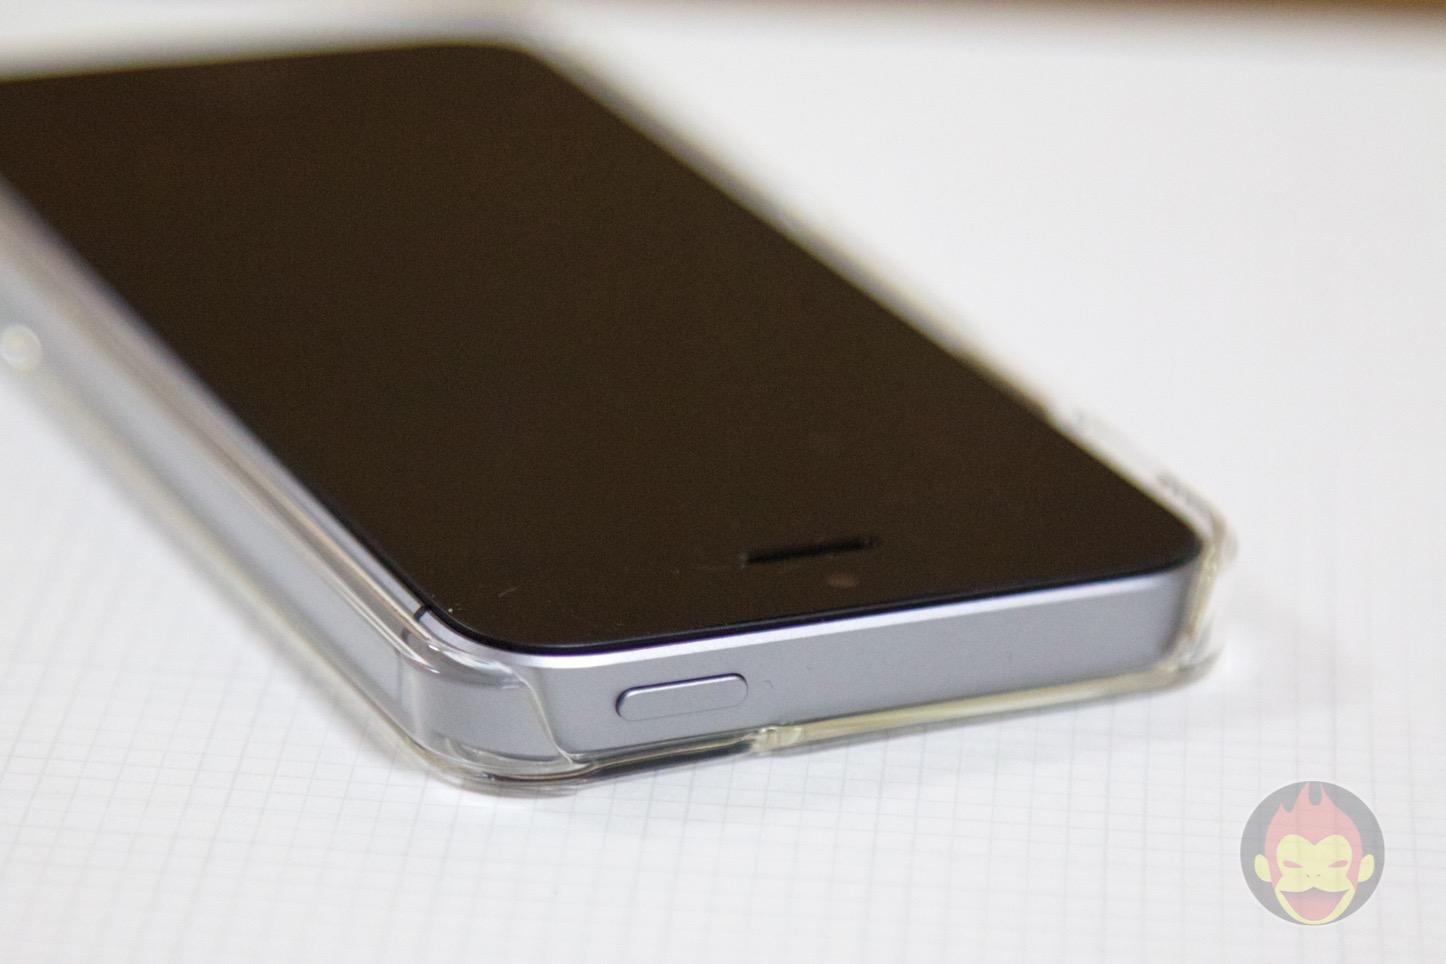 Spigen-Thin-Fit-iPhone-SE-Case-03.jpg